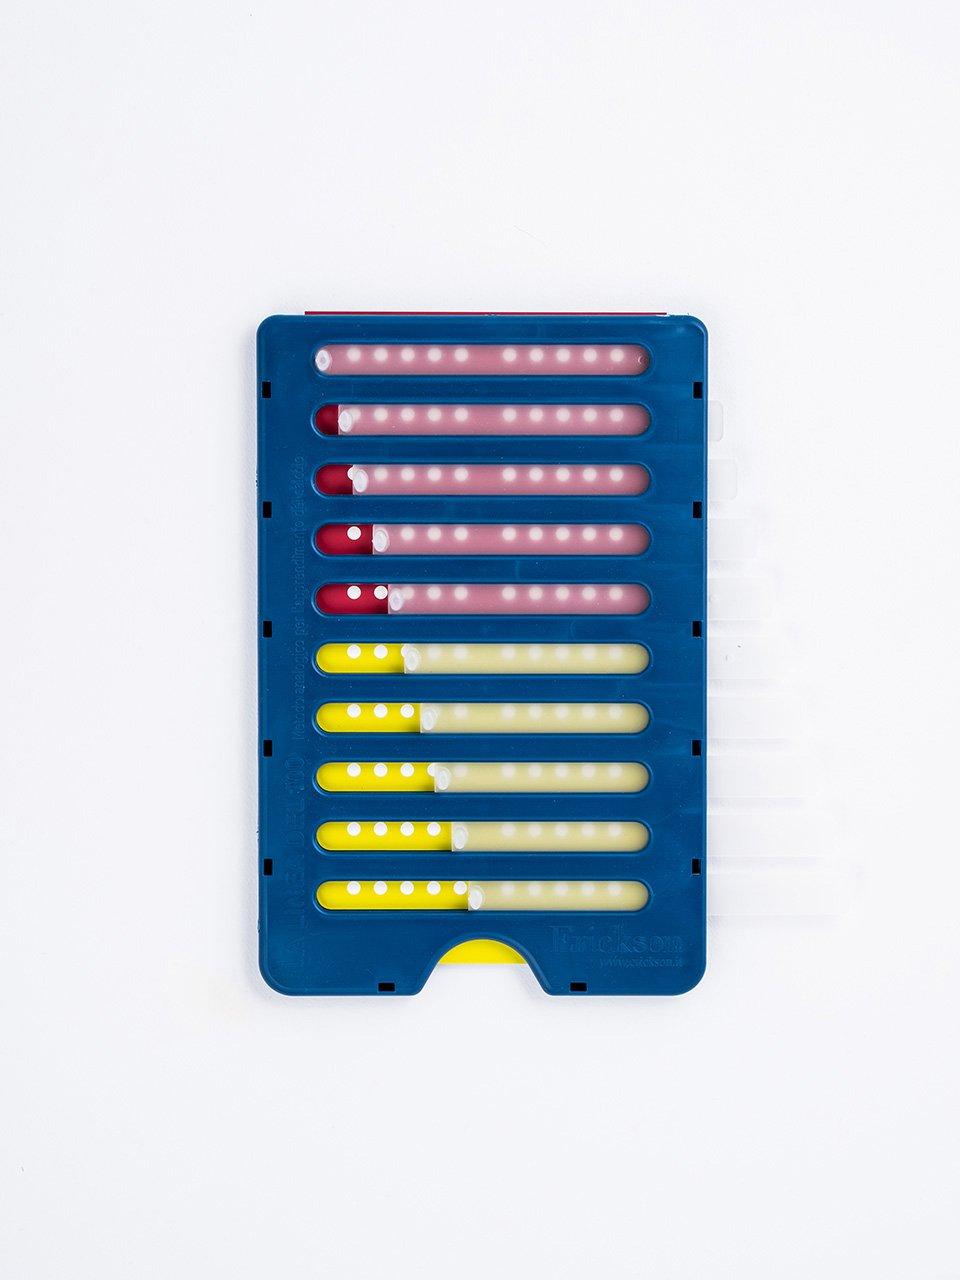 La linea del 100 - Test AC-MT 11-14 - Test di valutazione delle abili - Libri - Erickson 2